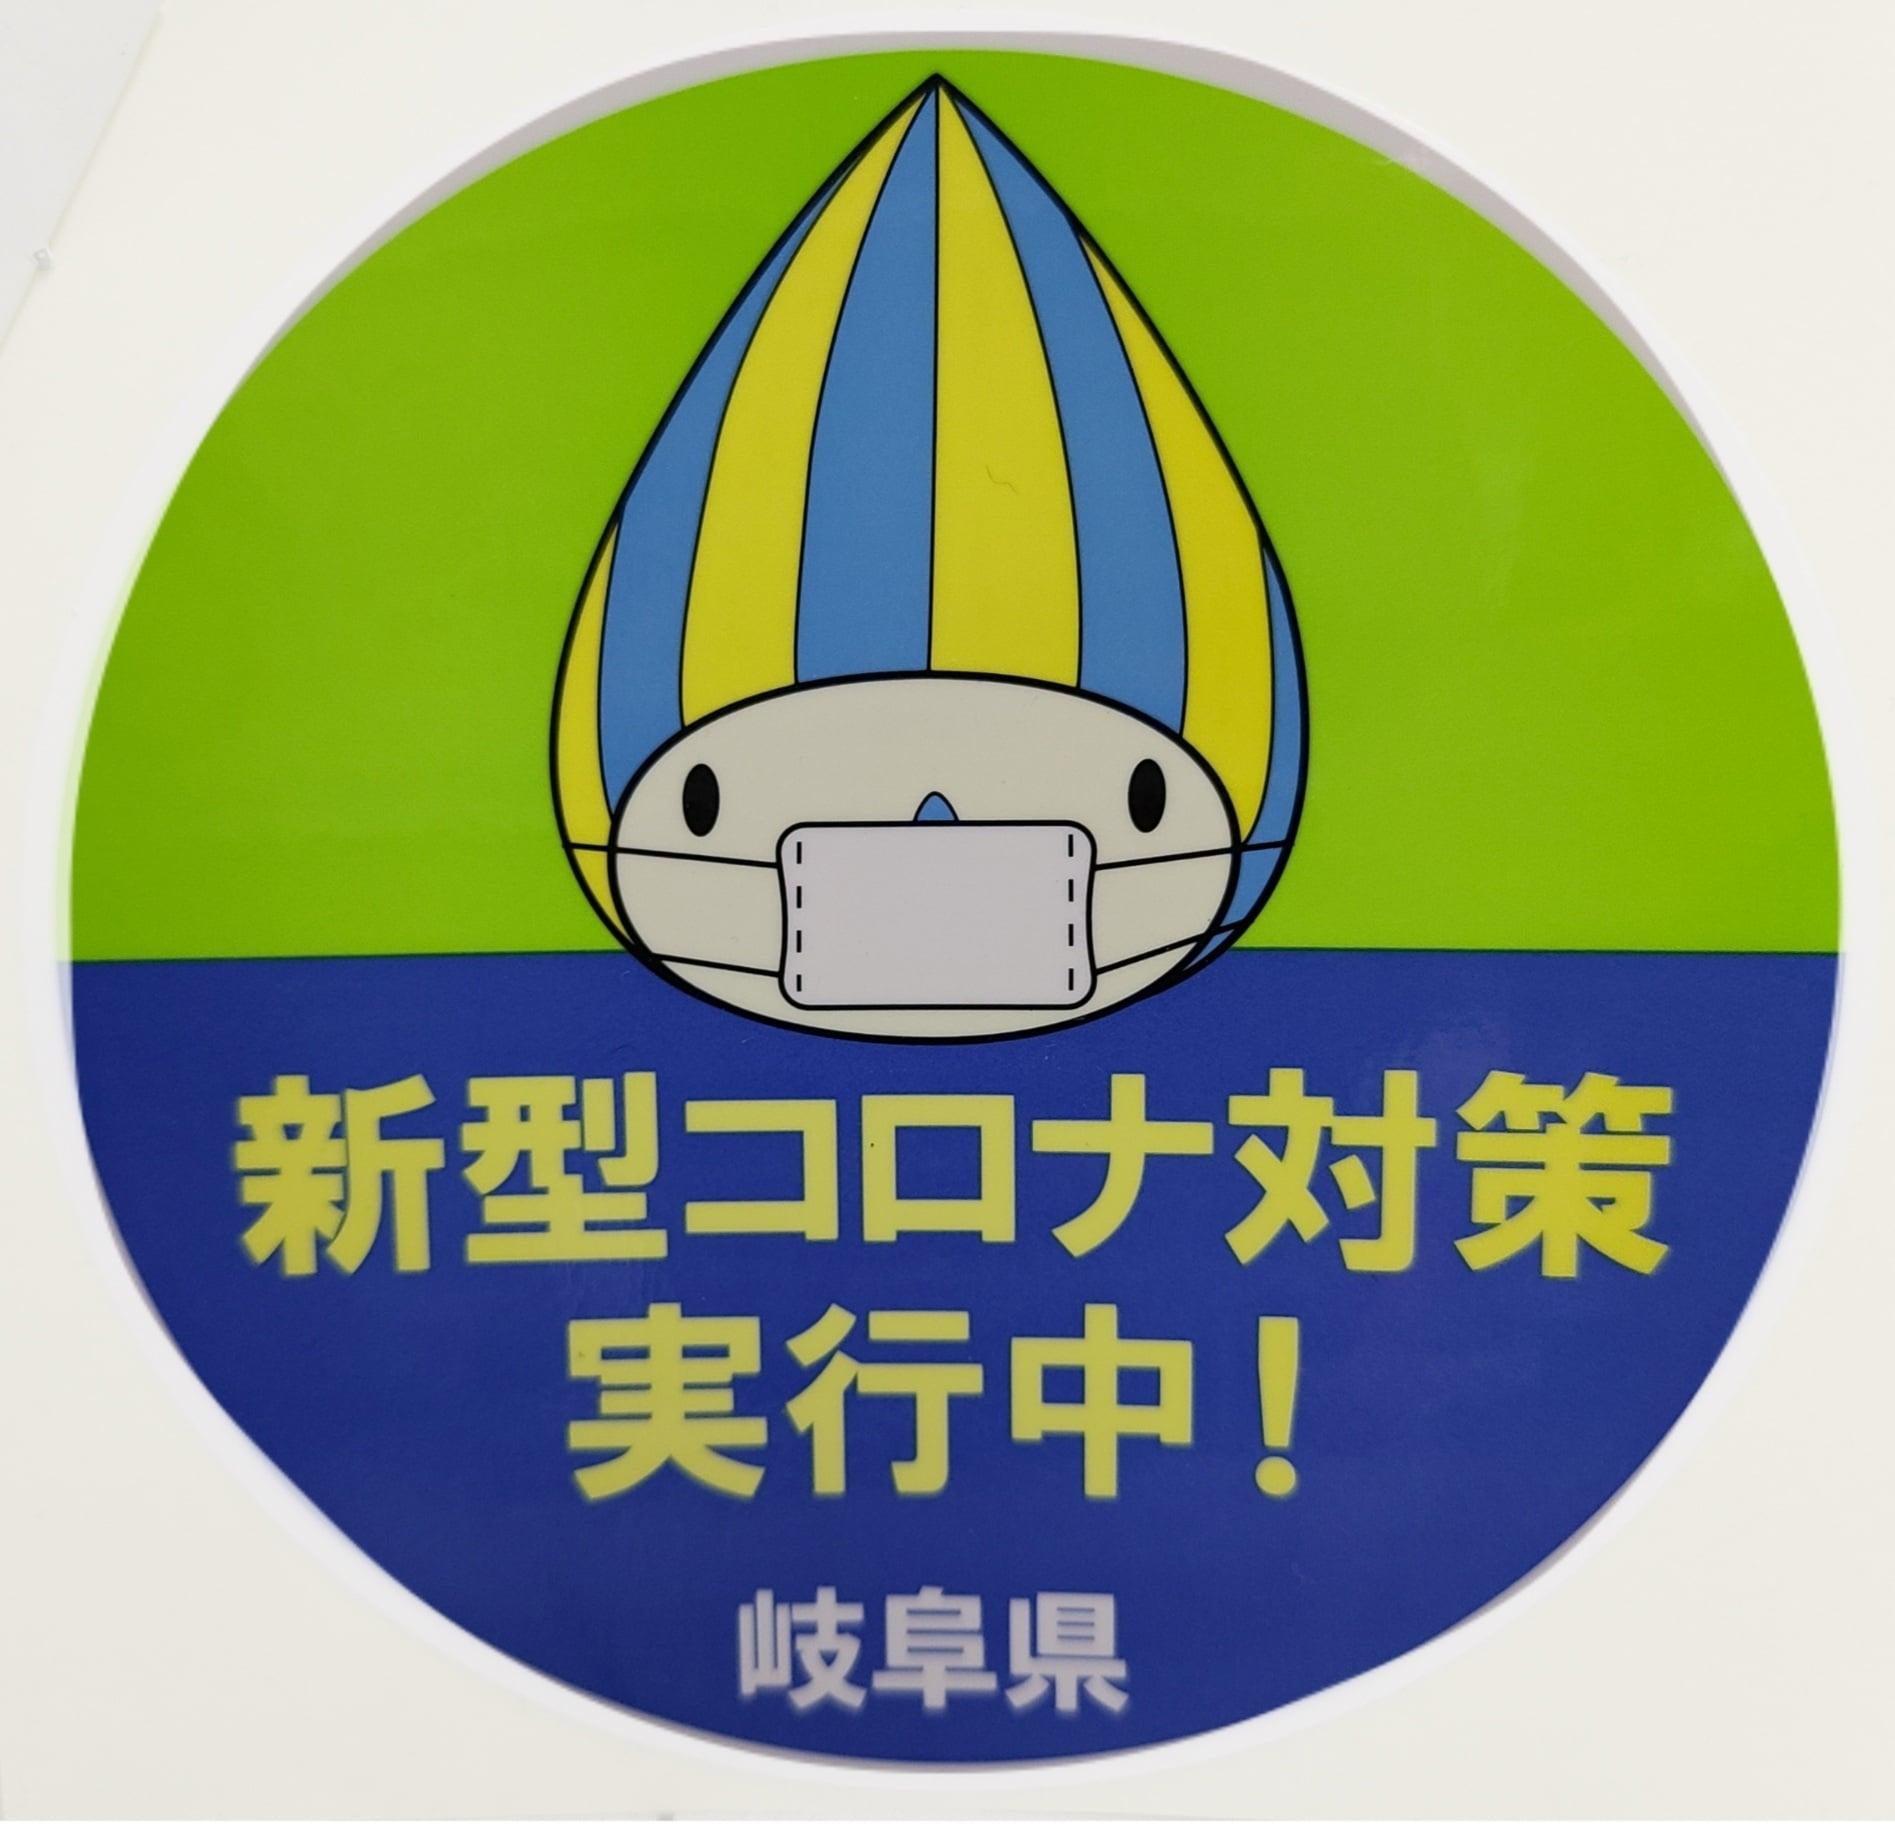 商 コロナ 岐阜 県